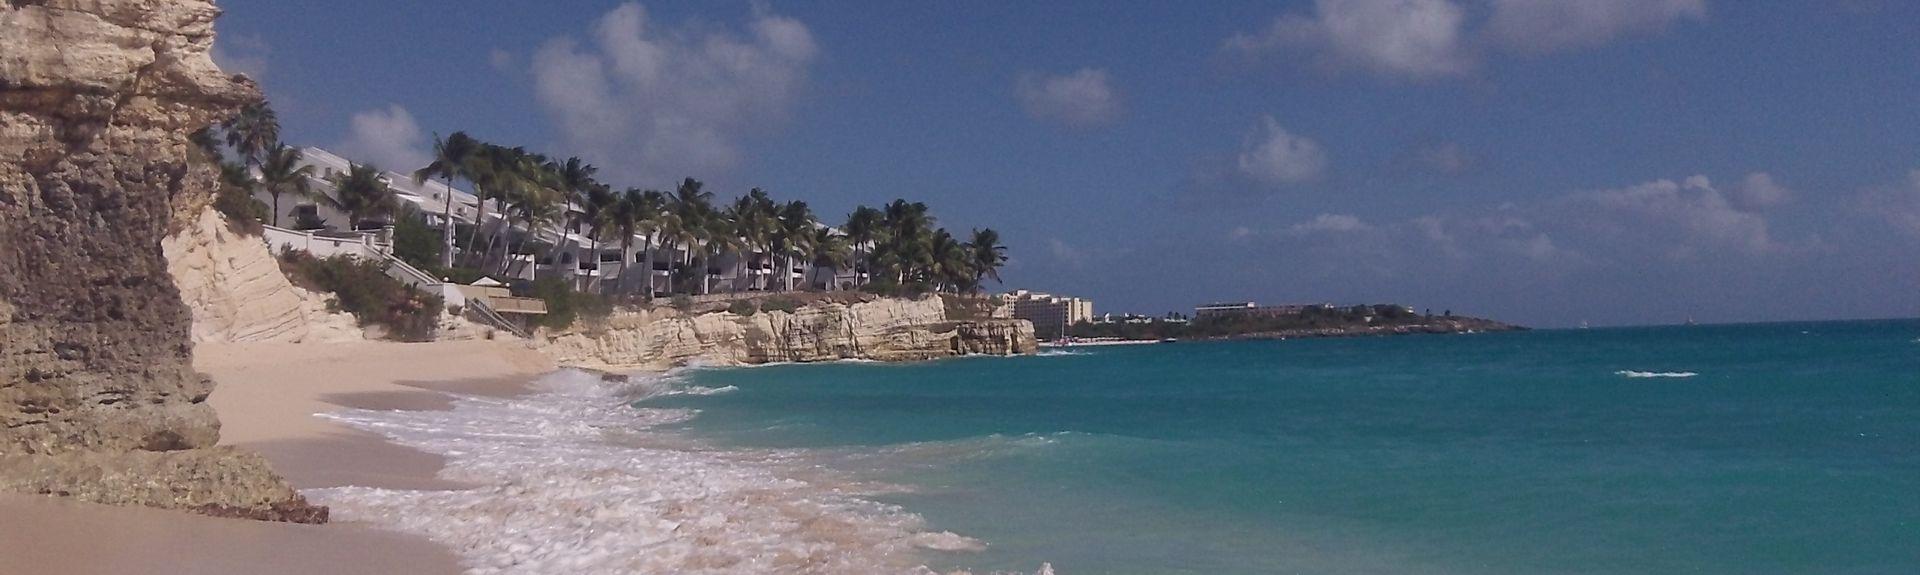 Starz City Casino, Lowlands, Sint Maarten